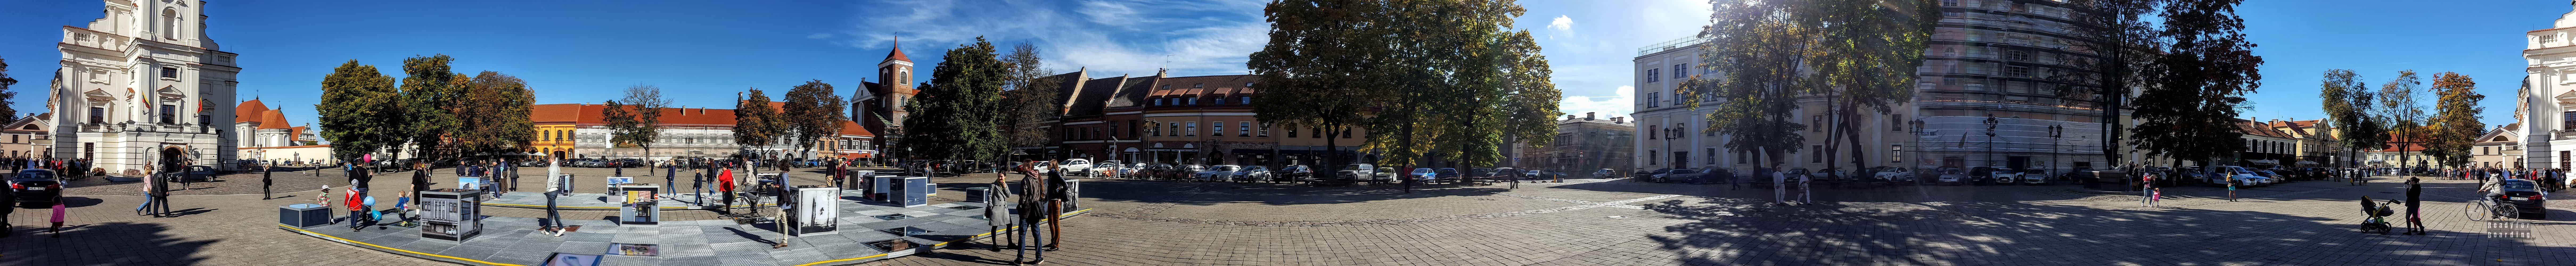 Panorama: Stary rynek, Kowno